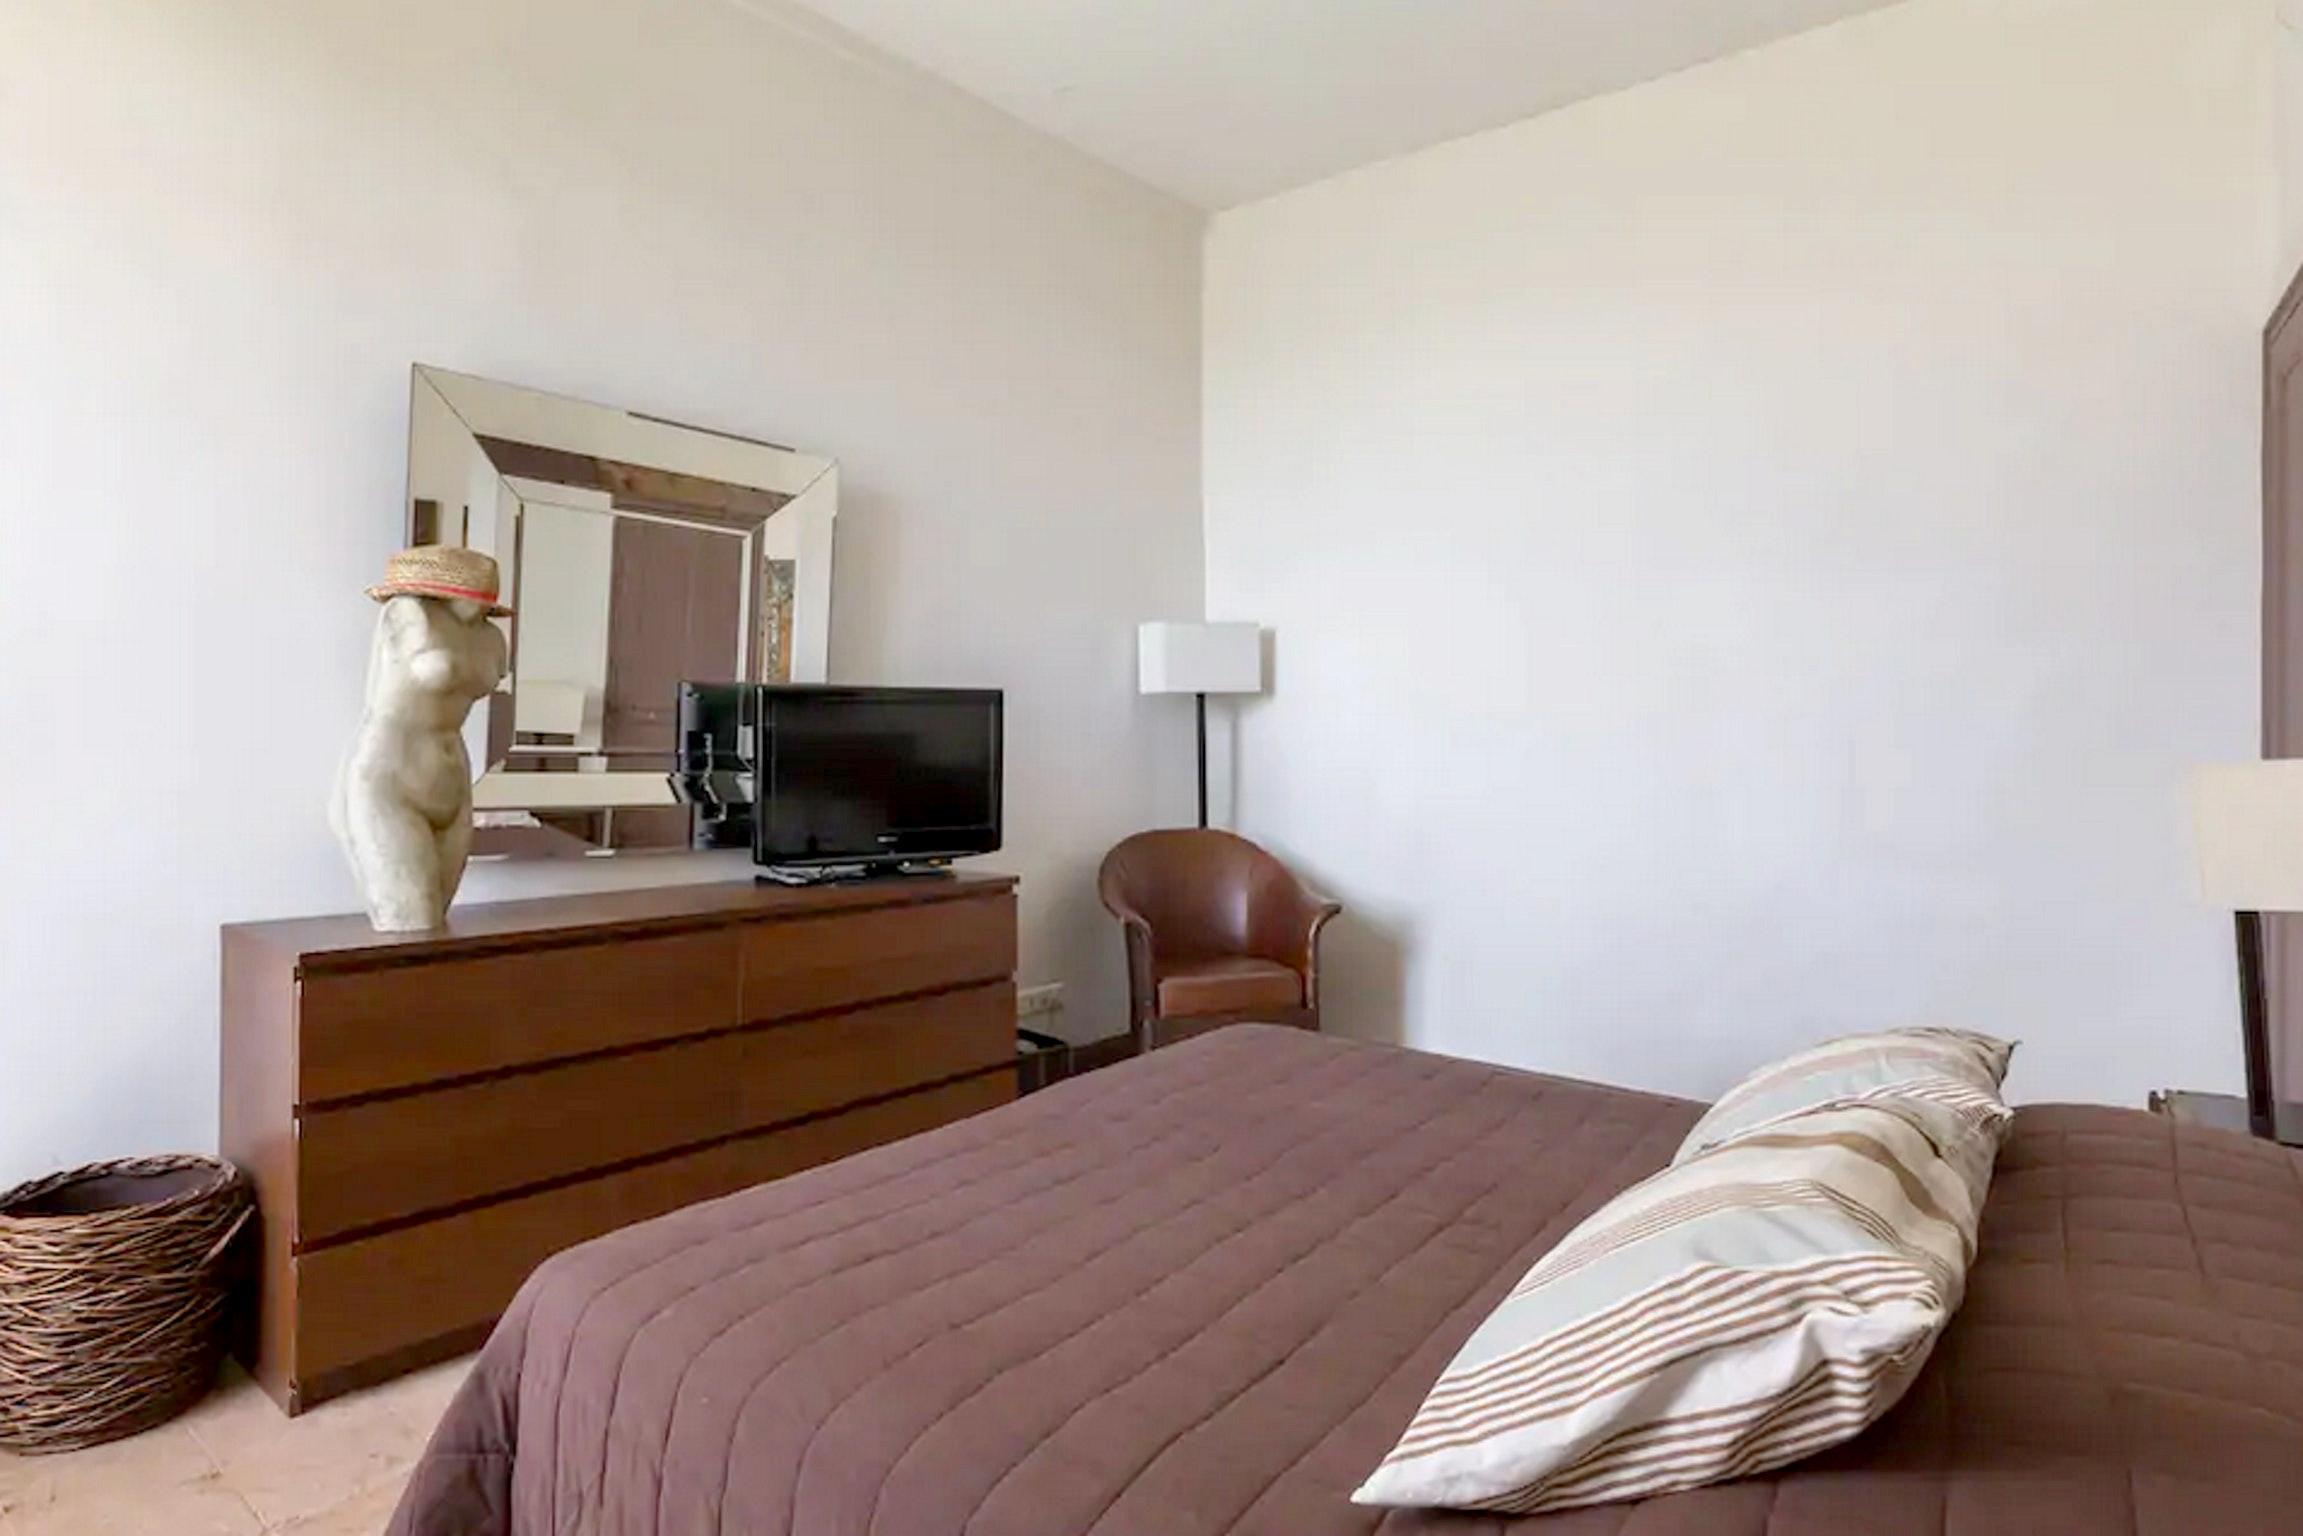 Maison de vacances Villa mit 6 Schlafzimmern in L'Isle-sur-la-Sorgue mit privatem Pool, möbliertem Garten und (2647203), L'Isle sur la Sorgue, Vaucluse, Provence - Alpes - Côte d'Azur, France, image 38